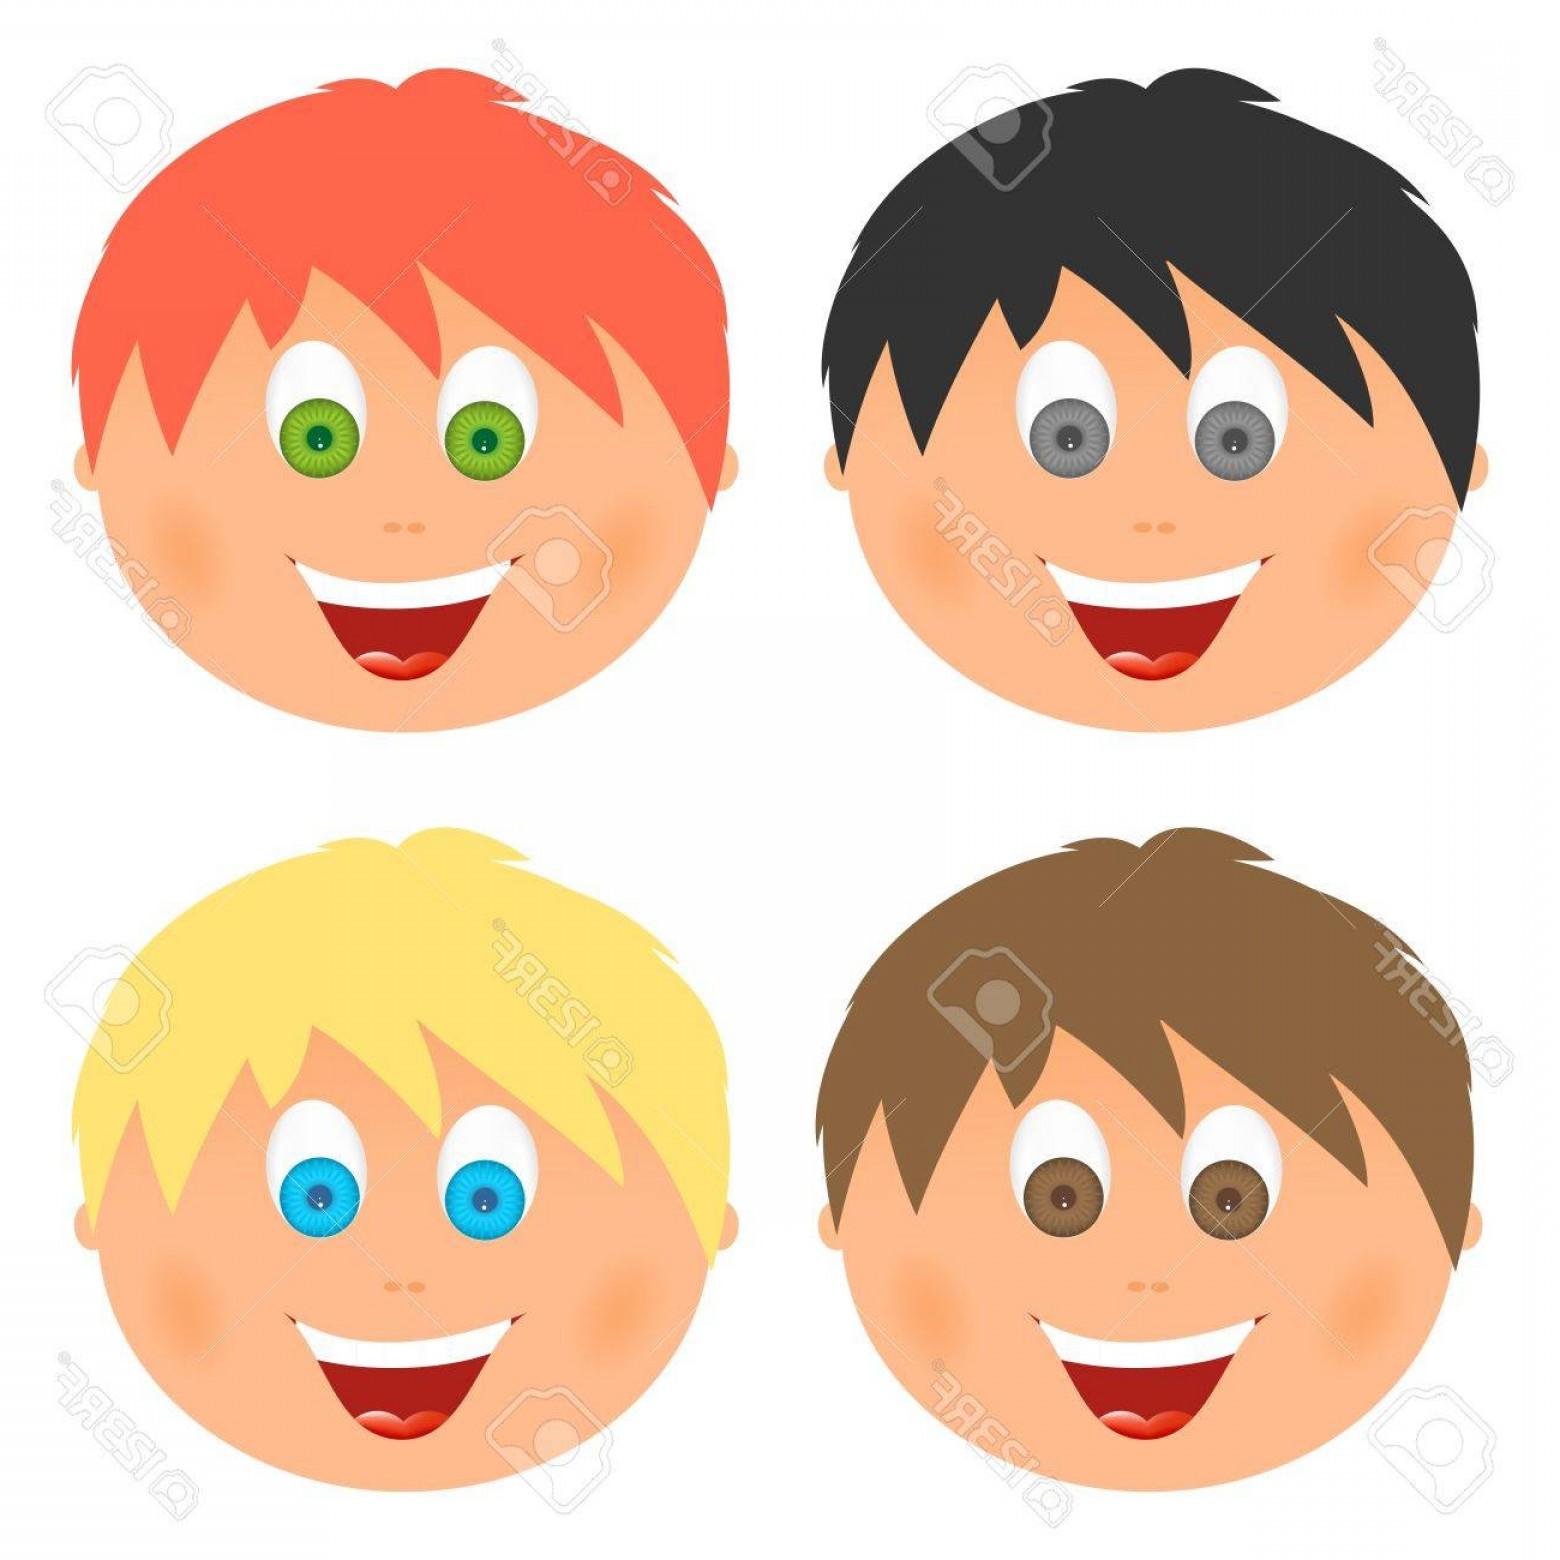 Color hair clipart jpg freeuse library Hair Color Cliparts - Making-The-Web.com jpg freeuse library